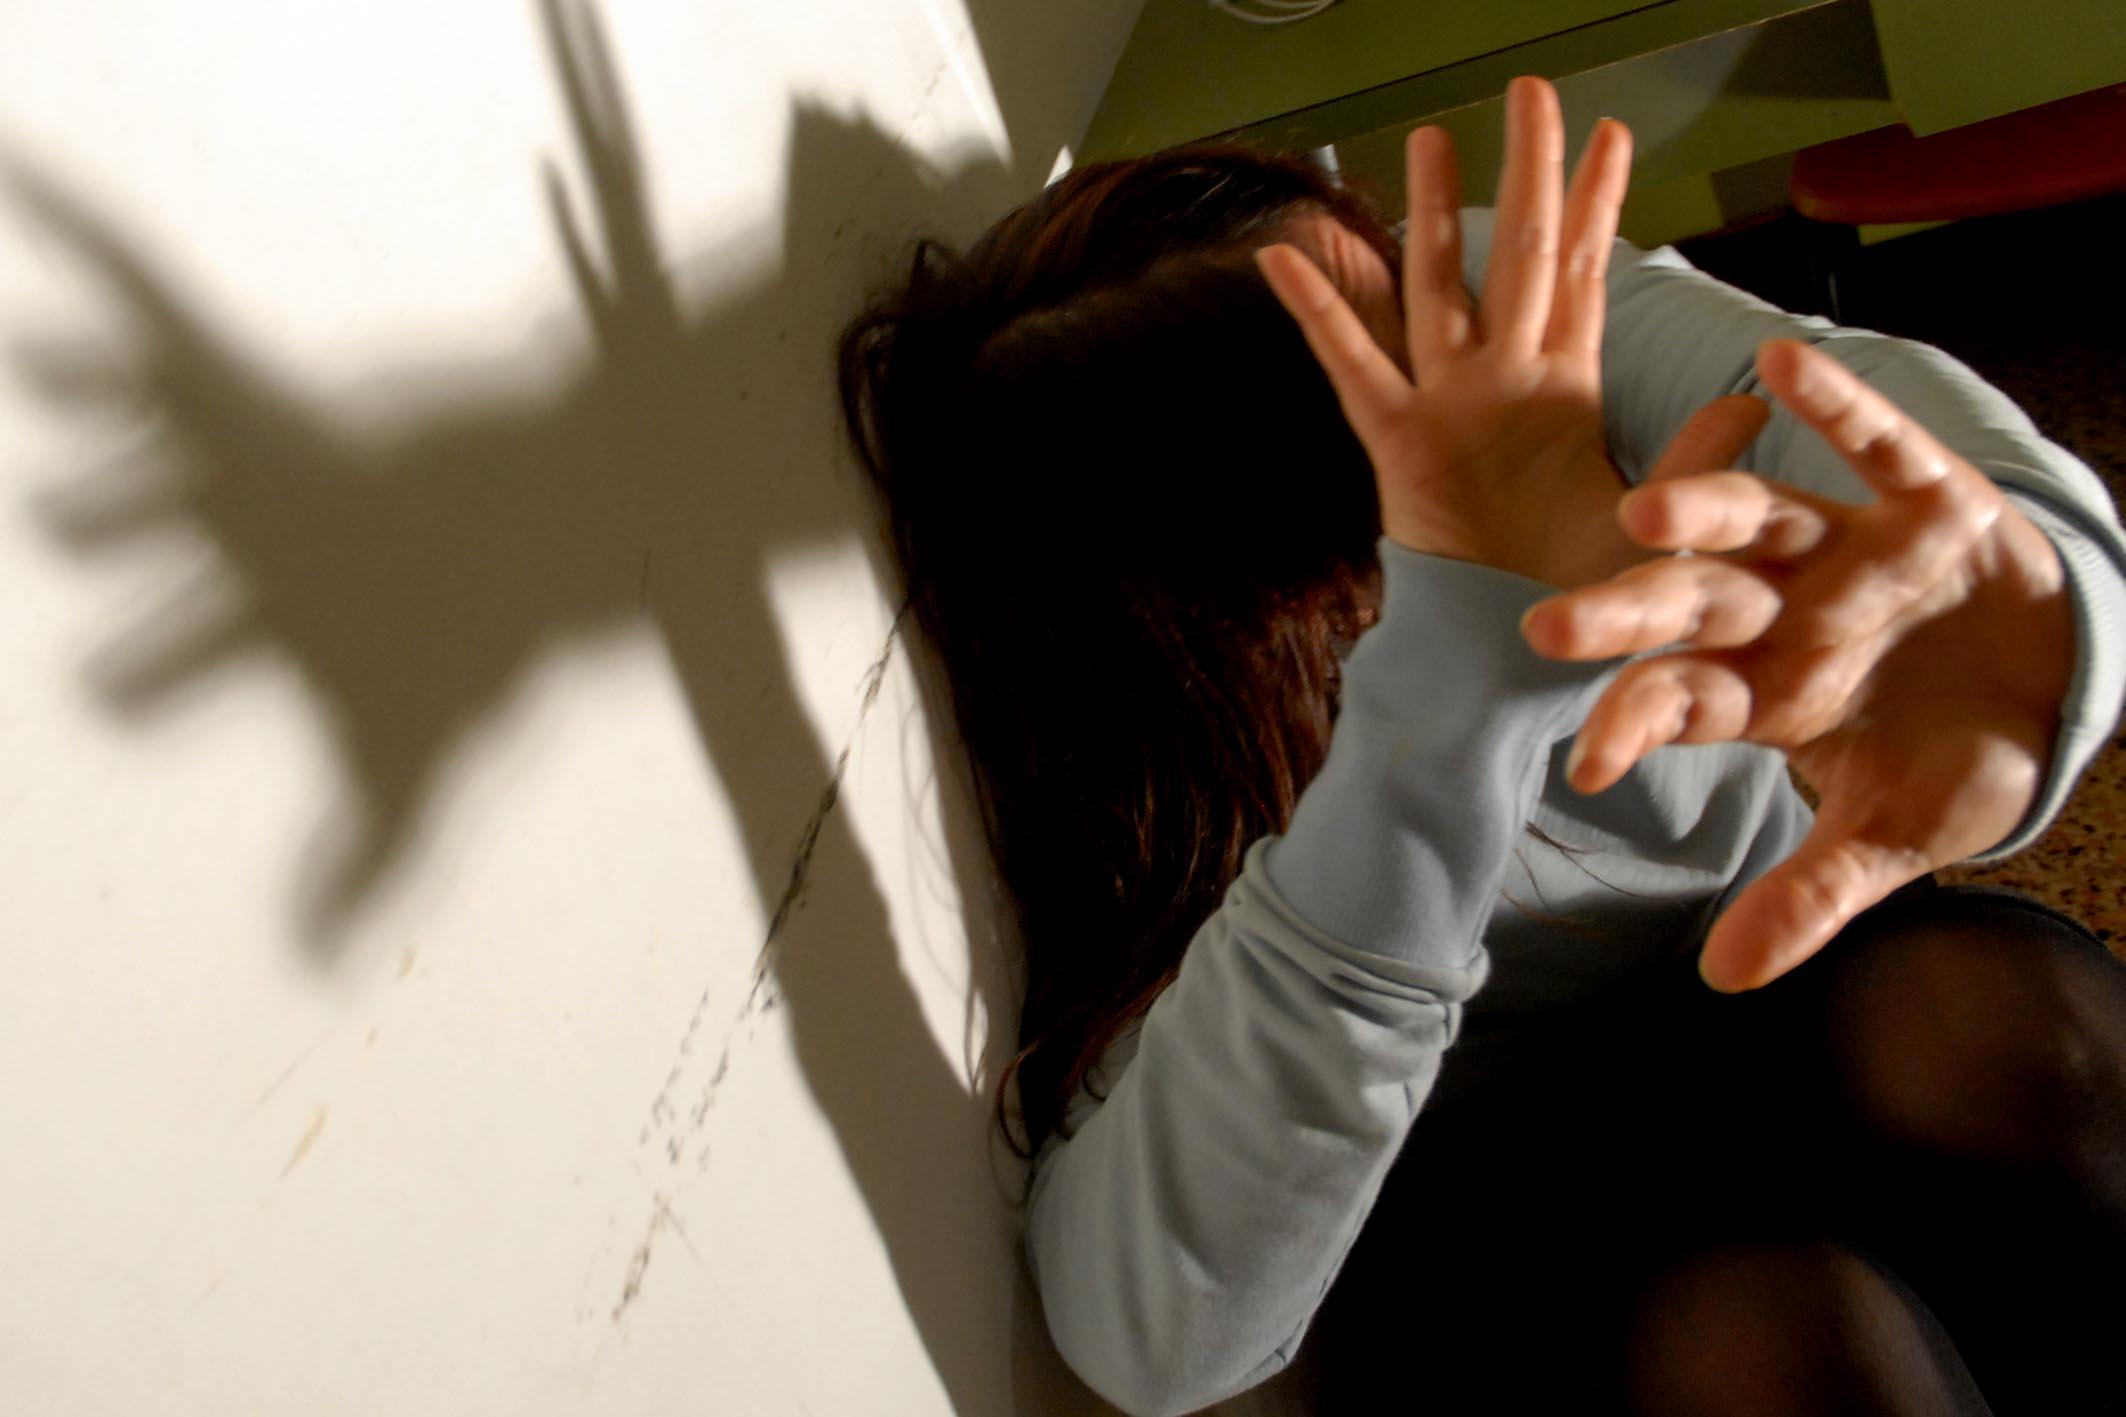 Francia, rapisce il figlio per 3 anni: trovato in condizioni terribili